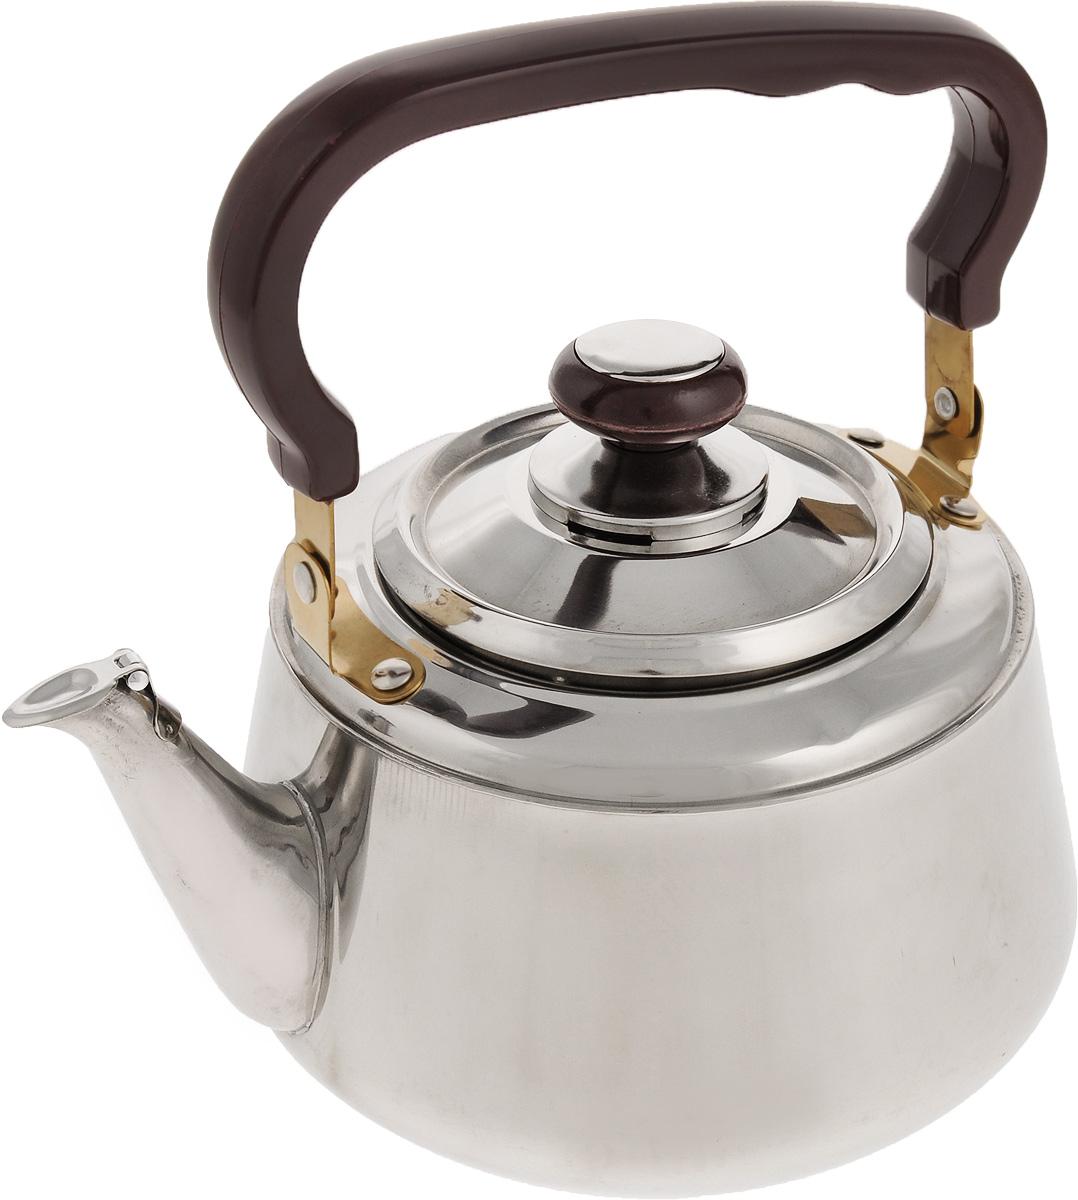 Чайник Mayer & Boch, со свистком, 2 л. 1039 чайник mayer & boch цвет стальной бирюзовый золотой 4 л 1046a